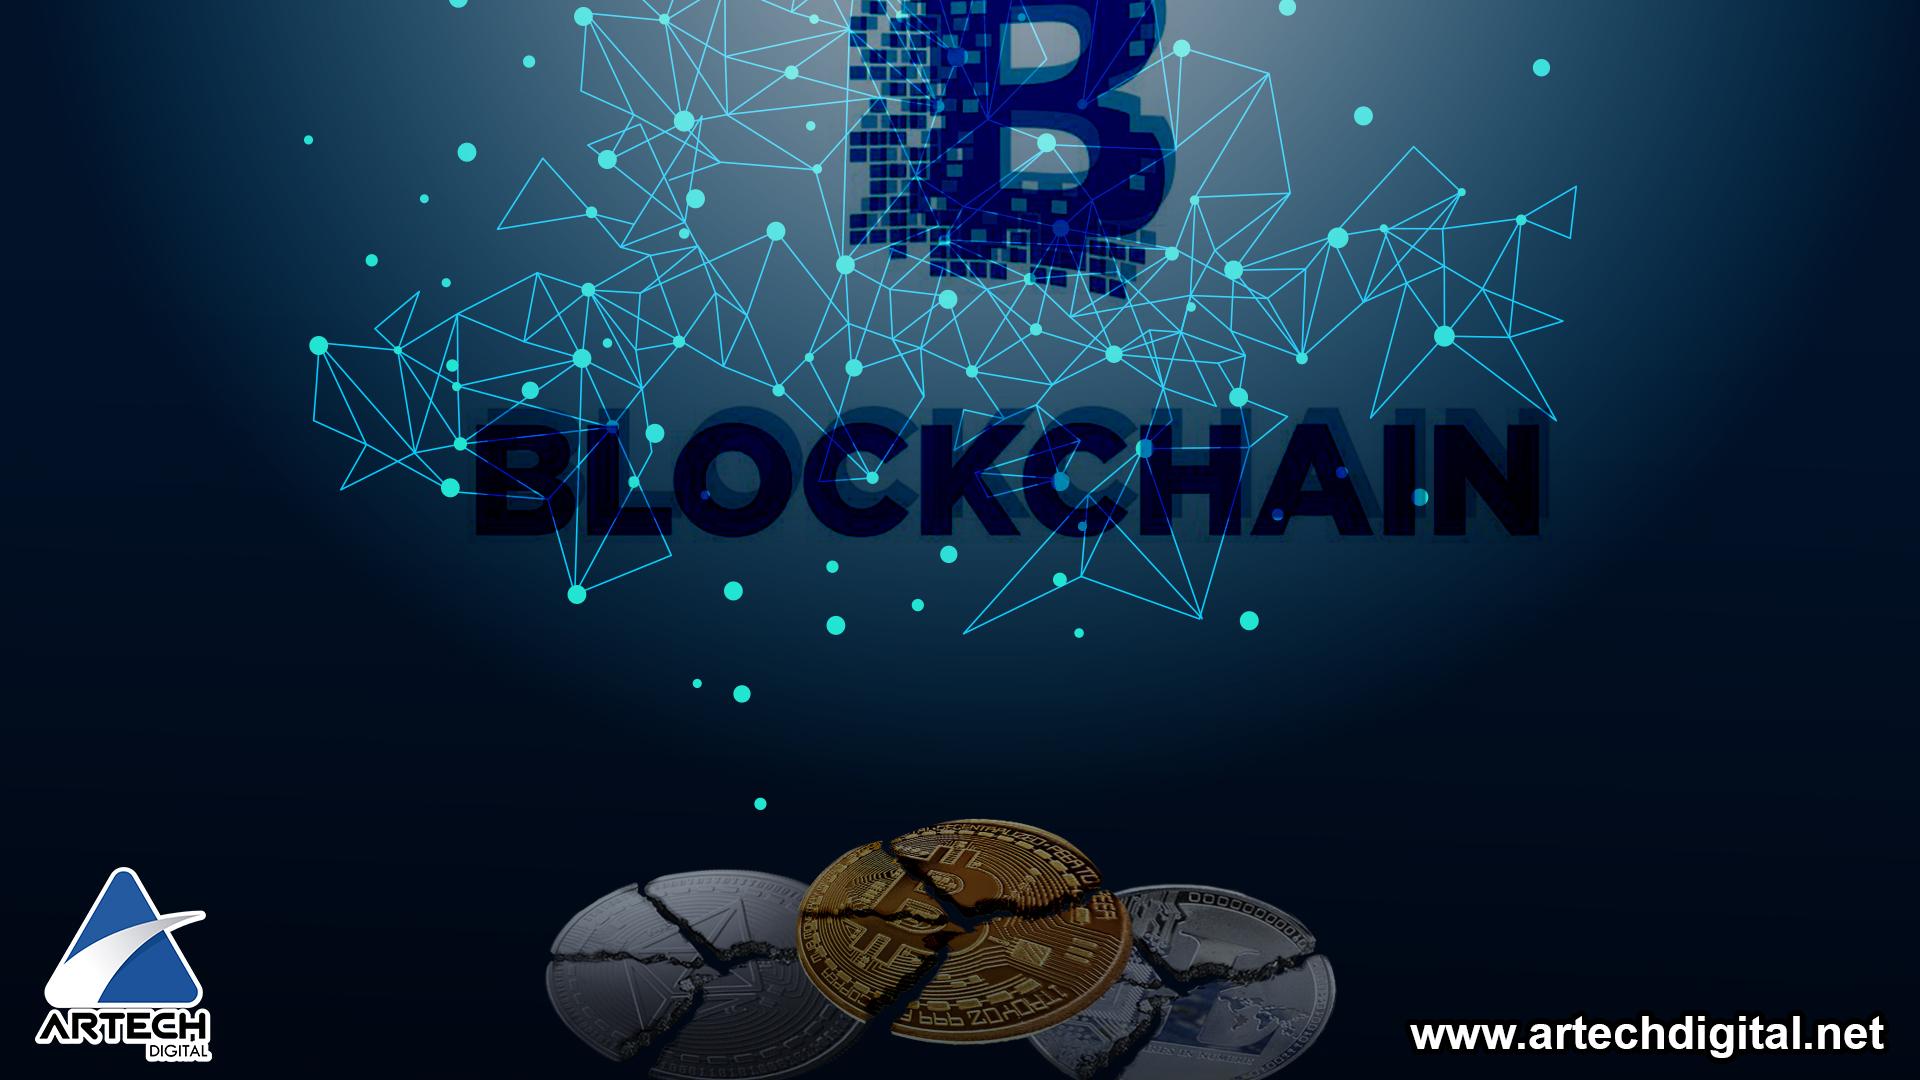 La tecnología Blockchain va más allá de las criptomonedas